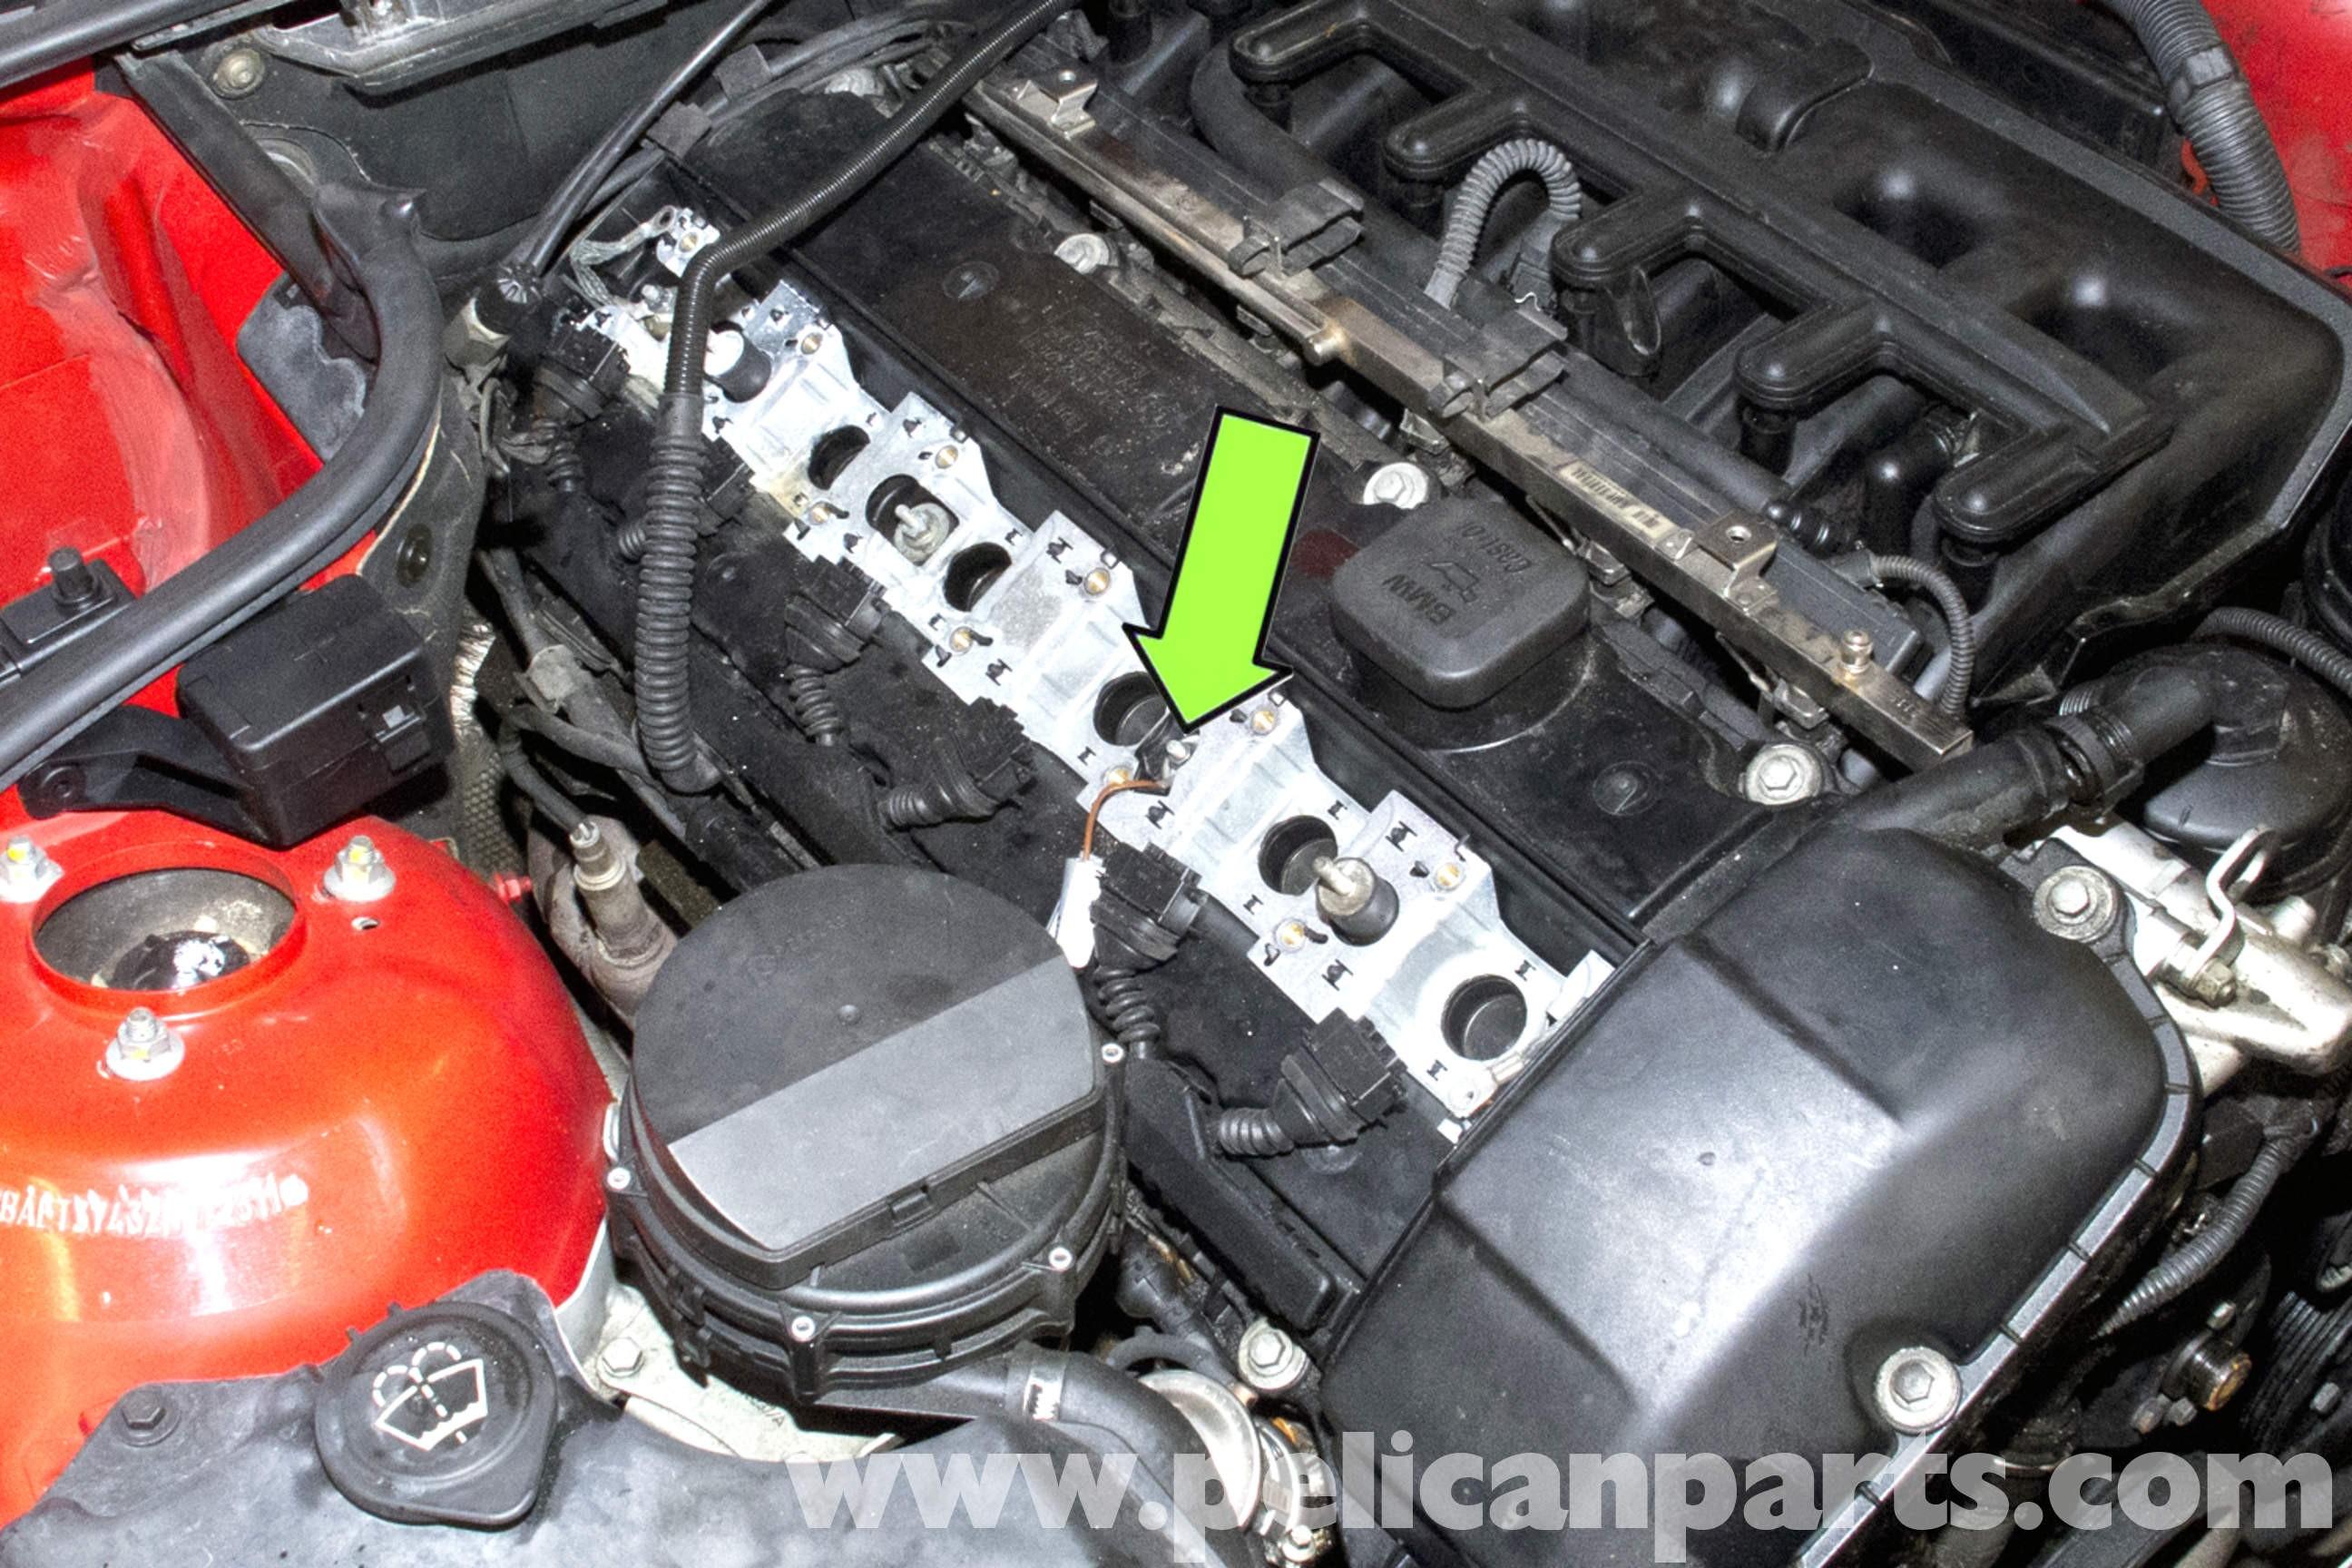 2000 Bmw 323i Parts Diagram Bmw E46 Valve Cover Removal Of 2000 Bmw 323i Parts Diagram